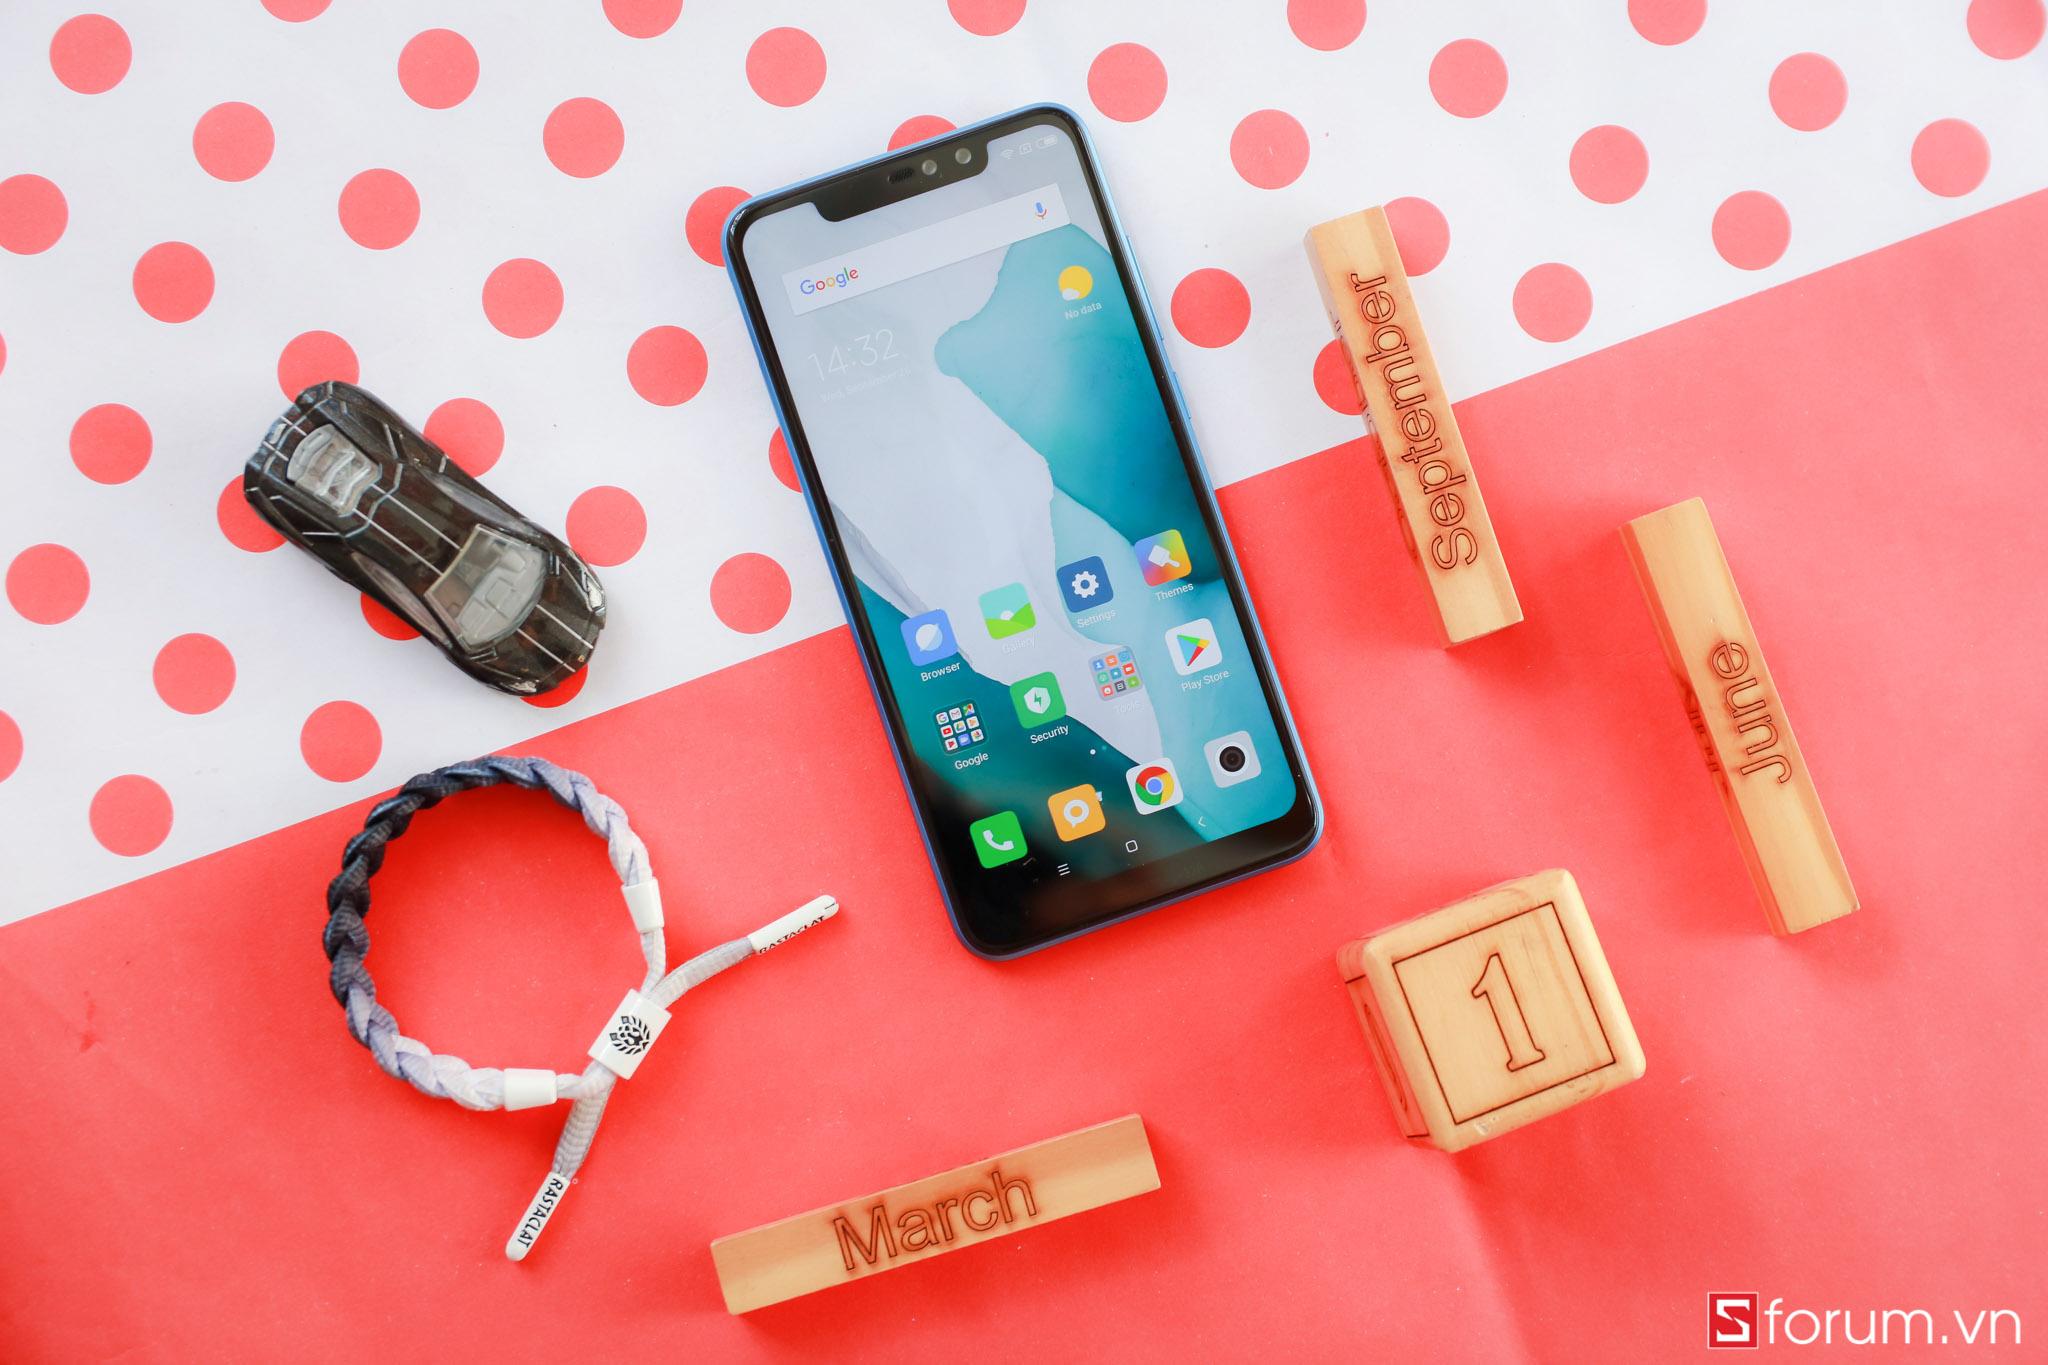 Sforum - Trang thông tin công nghệ mới nhất IMG_0851 Top 4 smartphone tầm trung pin trâu đáng mua trong tháng 10